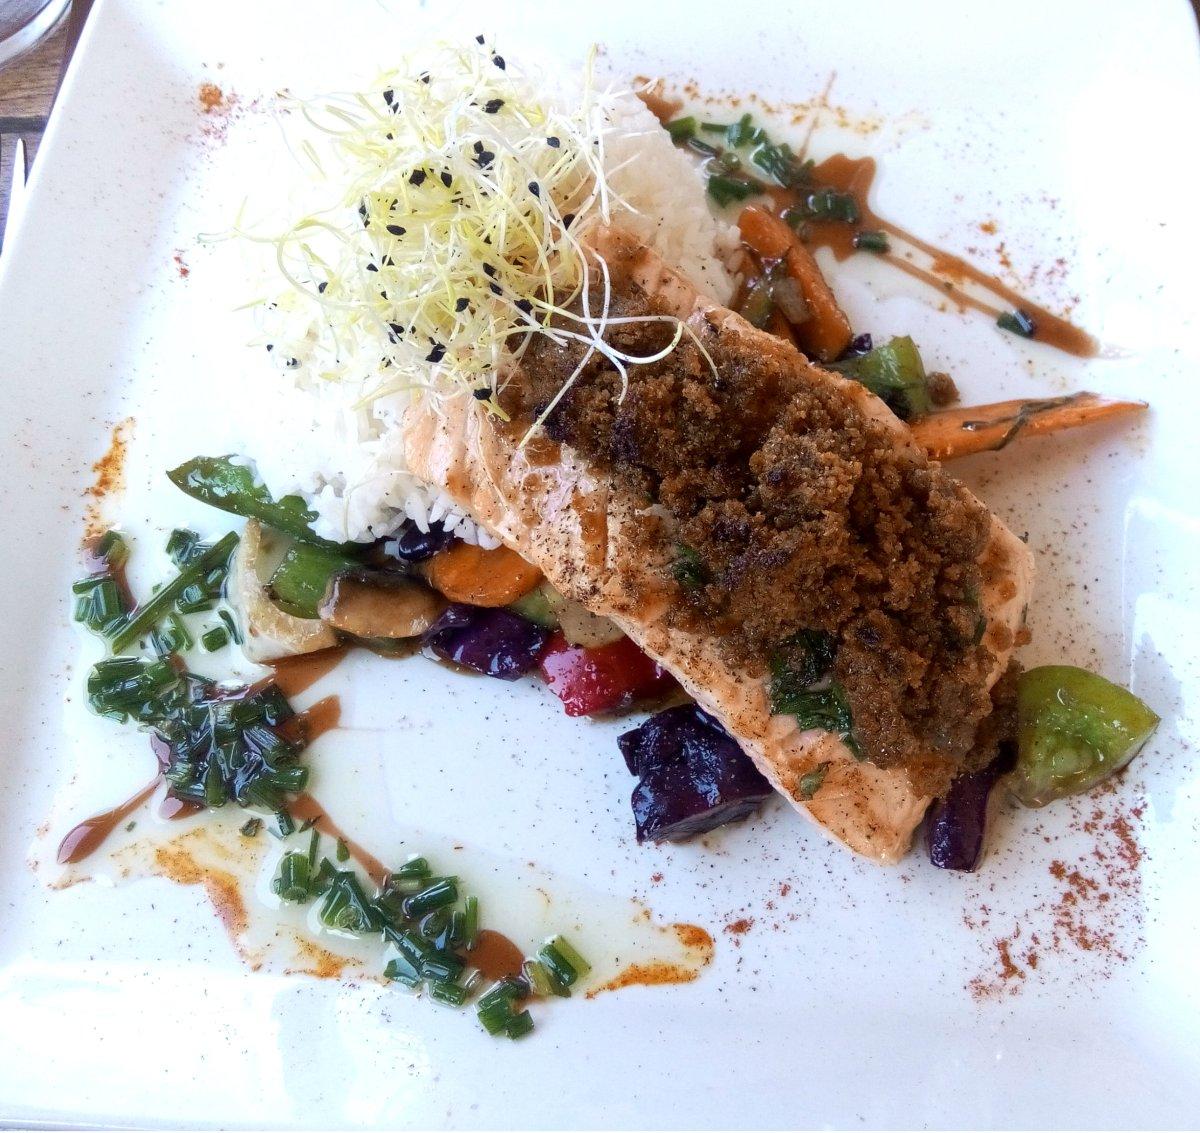 saumon-croute-tomates-les-mets-dalice-seignosse